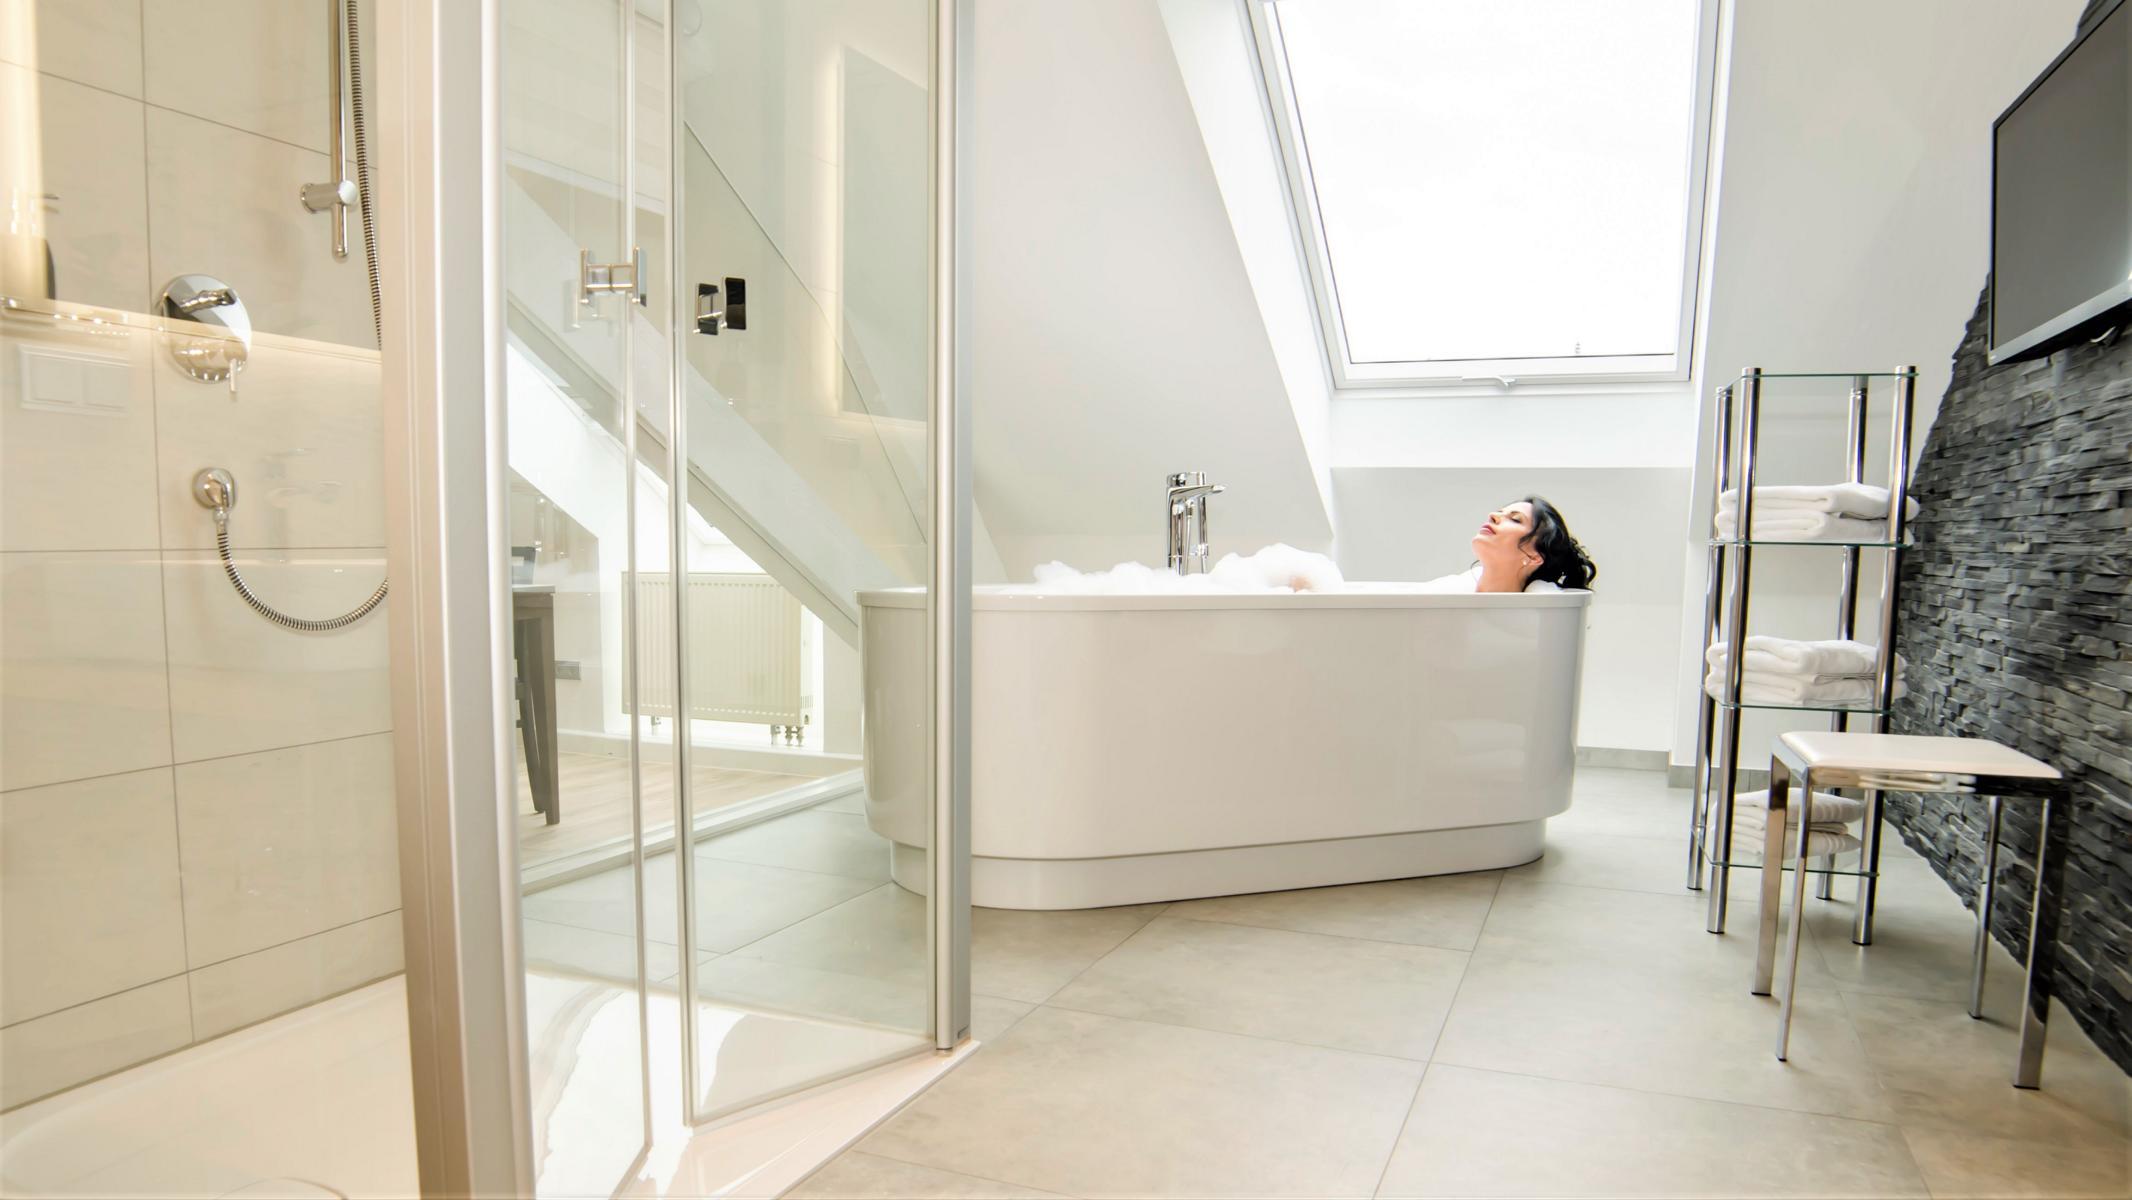 Full Size of Badewanne Mit Dusche Kombiniert Preise Umbau Kosten Zu Umbauen Nebeneinander Als Und In Einem Duschen Kombination Erfahrungen Auf Zur Barrierefrei Glaswand Dusche Badewanne Dusche